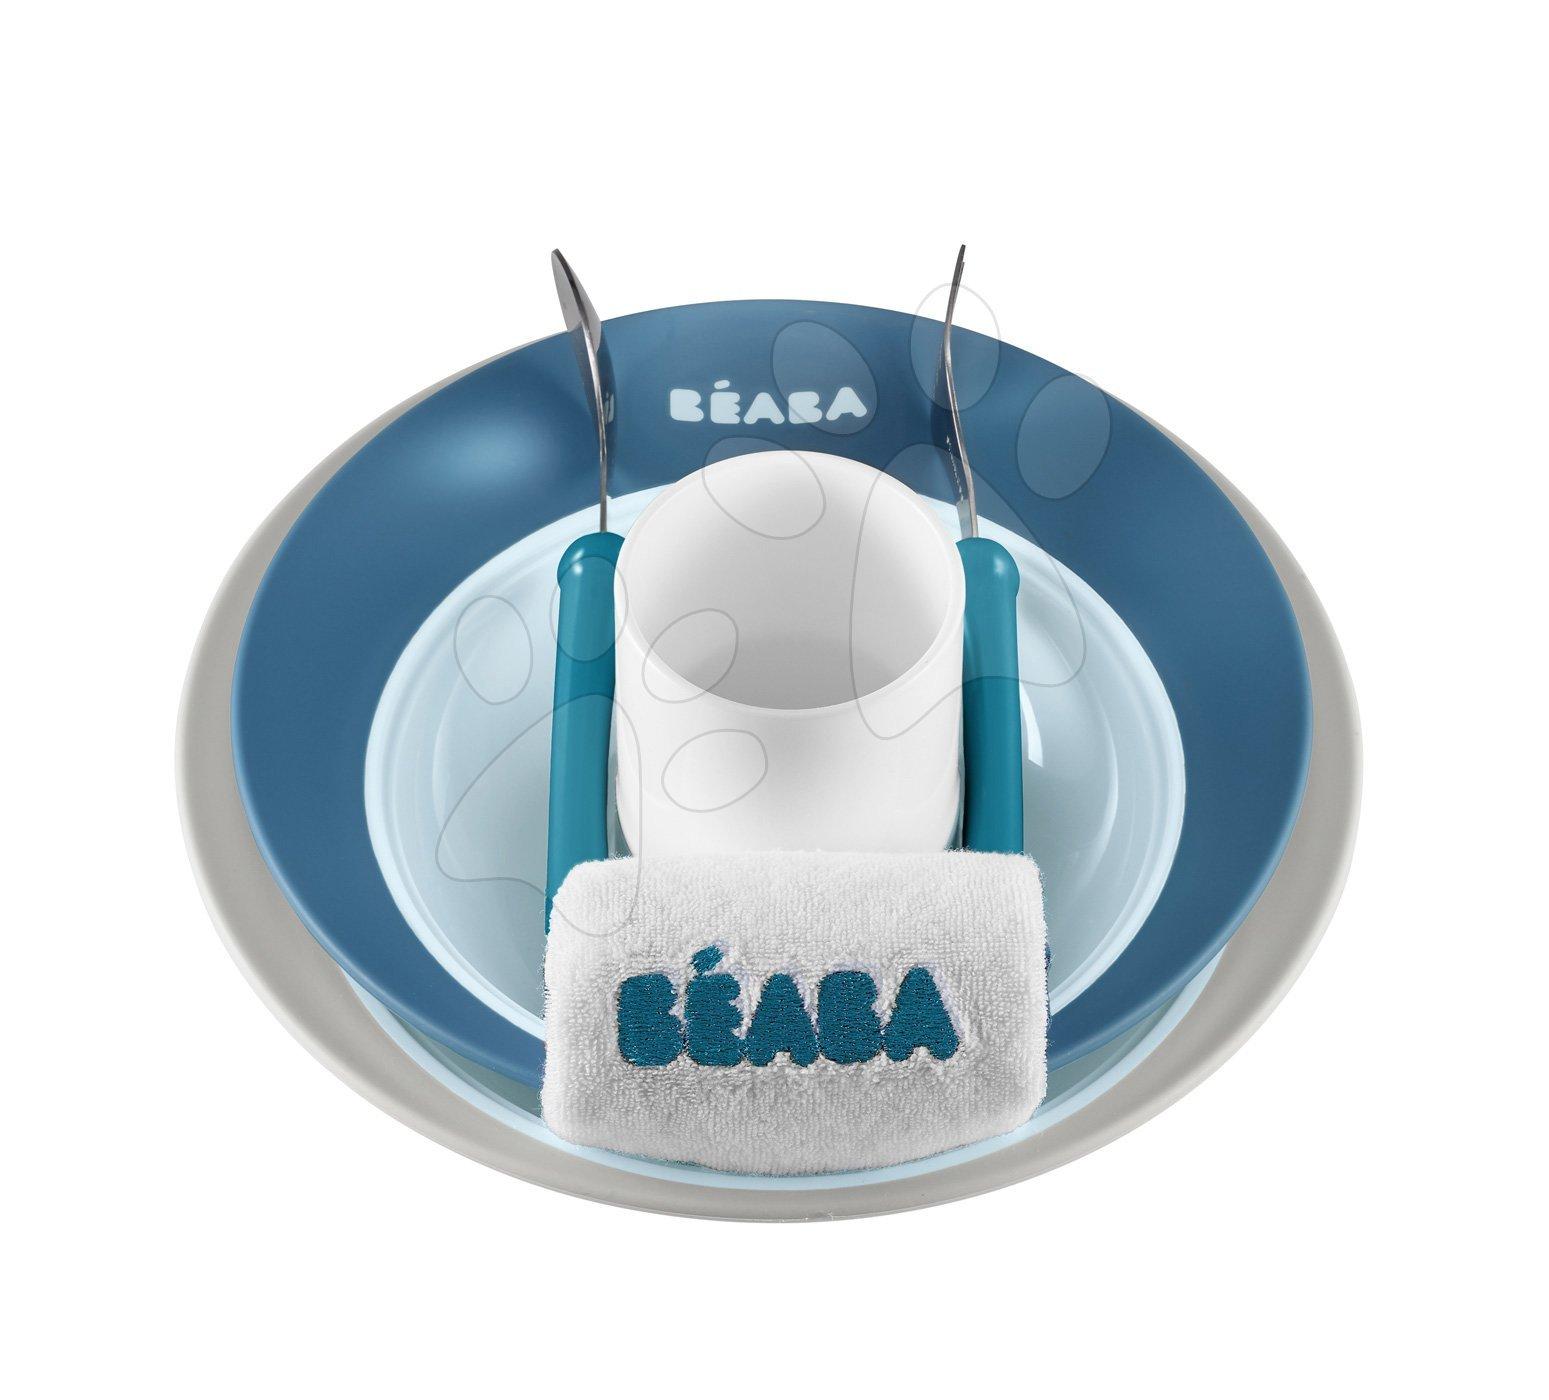 Jedálenská súprava Beaba Ellipse v darčekovom balení modrá od 4 mesiacov